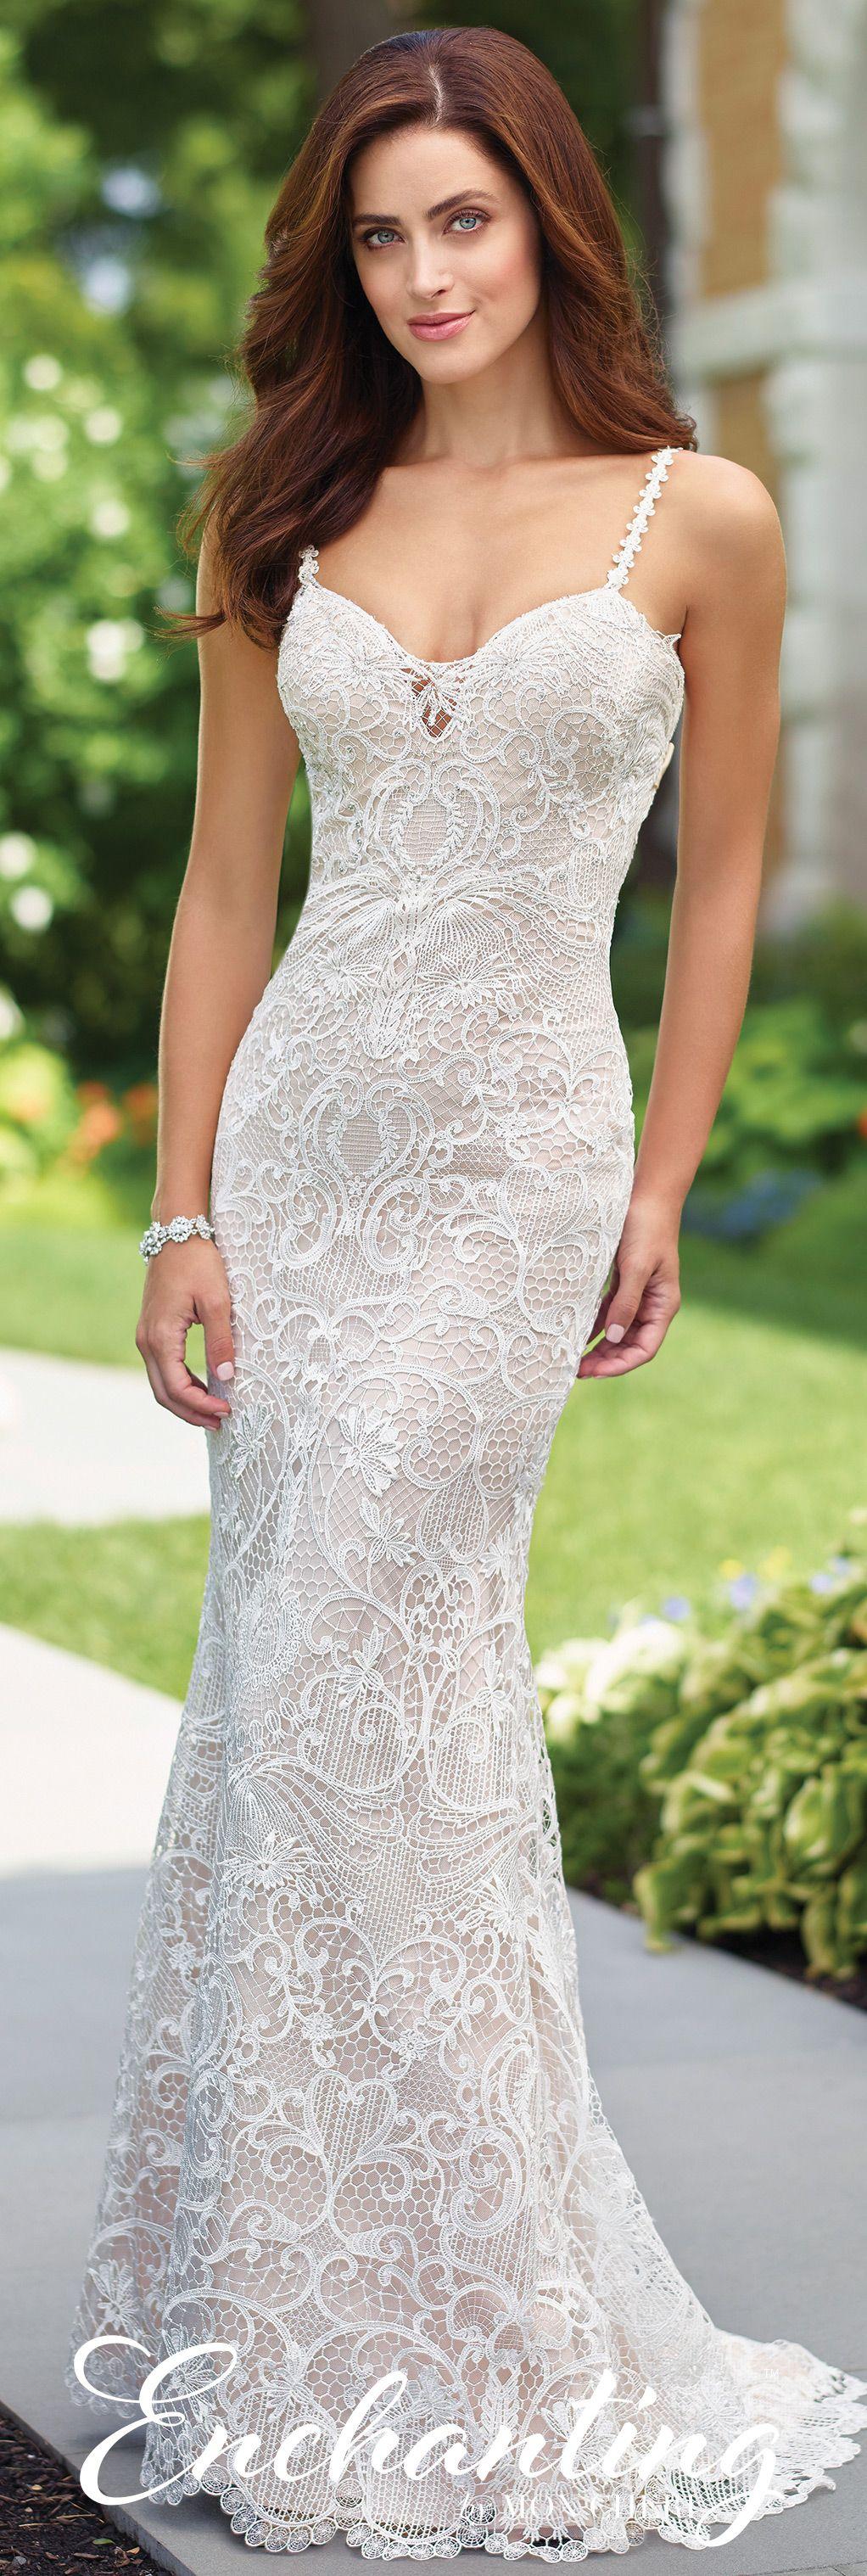 beaded chiffon wedding dress- 117179- enchantingmon cheri